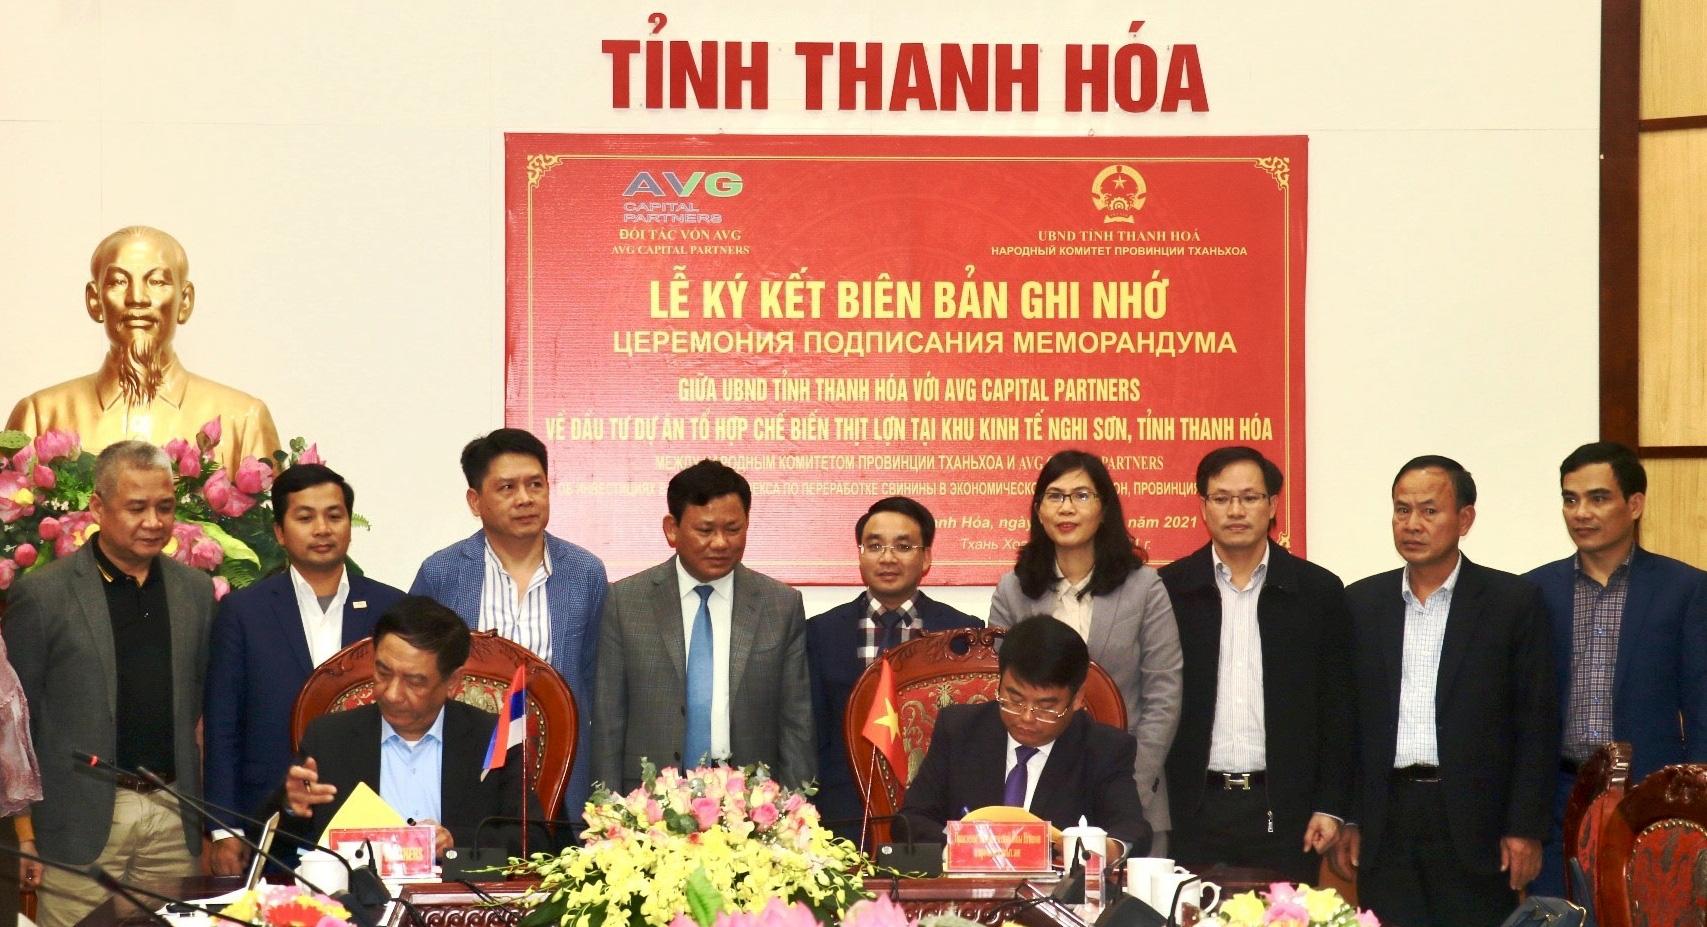 Tập đoàn AVG muốn đầu tư Tổ hợp chế biến thịt lợn với tổng số vốn khoảng 1,4 tỷ USD vào Thanh Hóa - Ảnh 1.